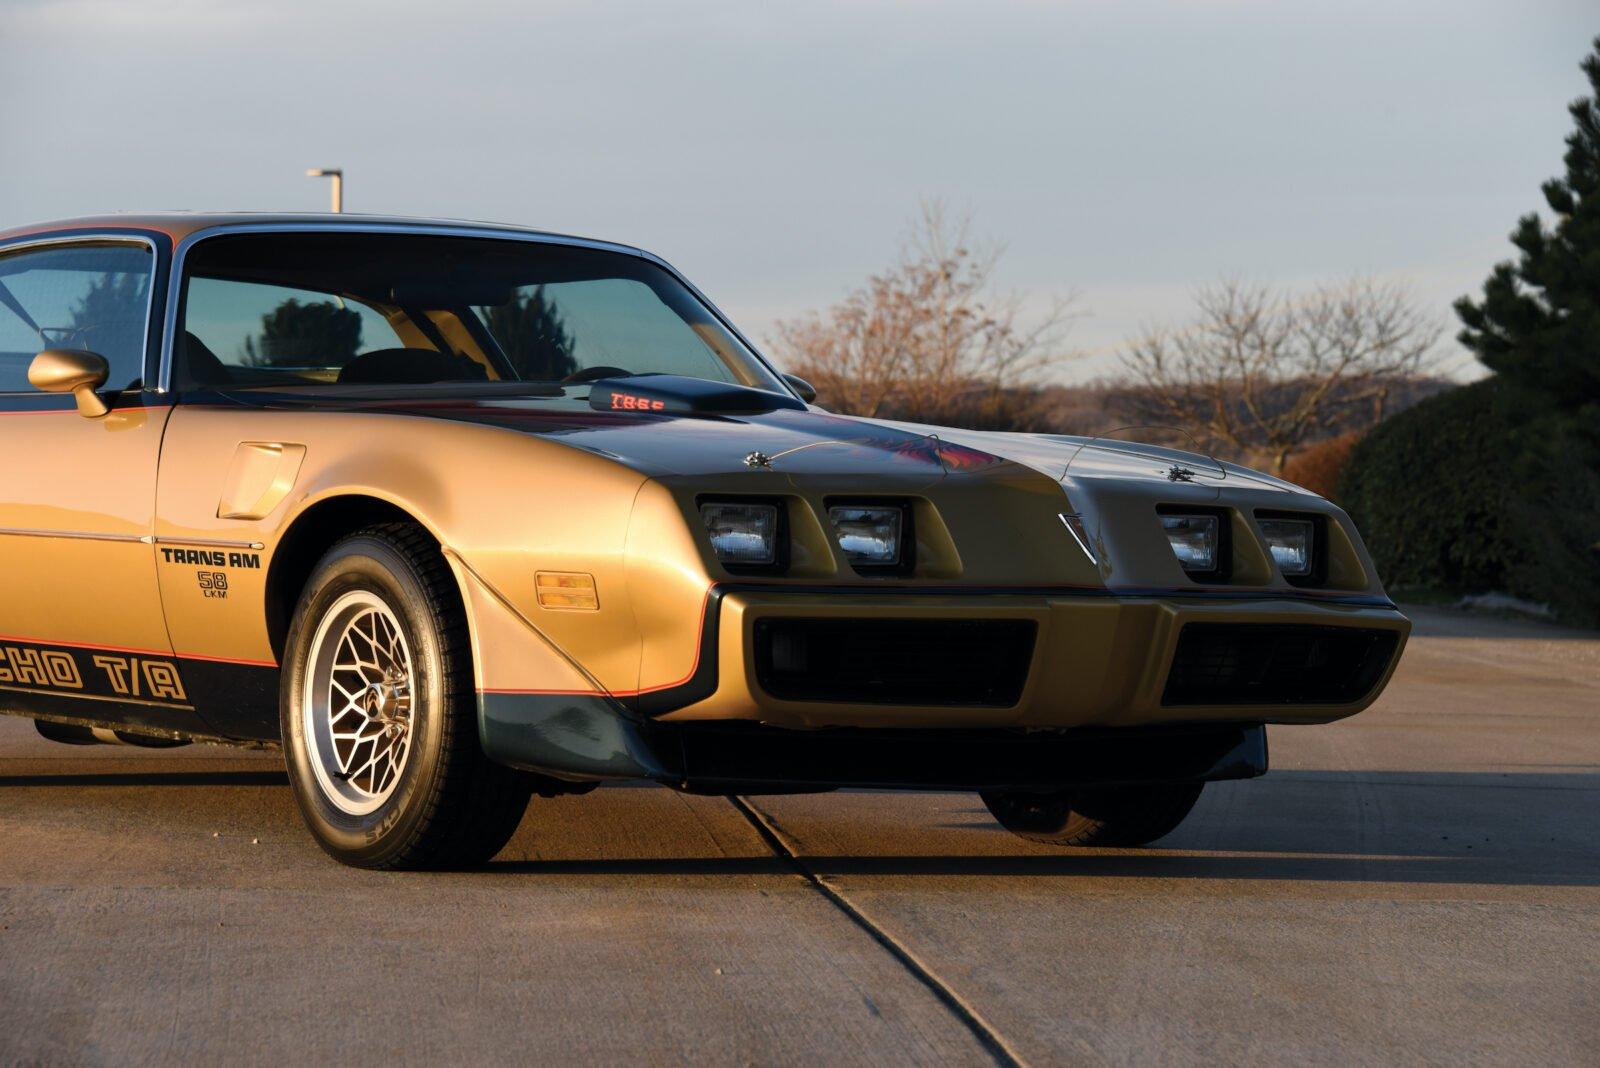 DKM Pontiac Macho Trans Am T:A Front